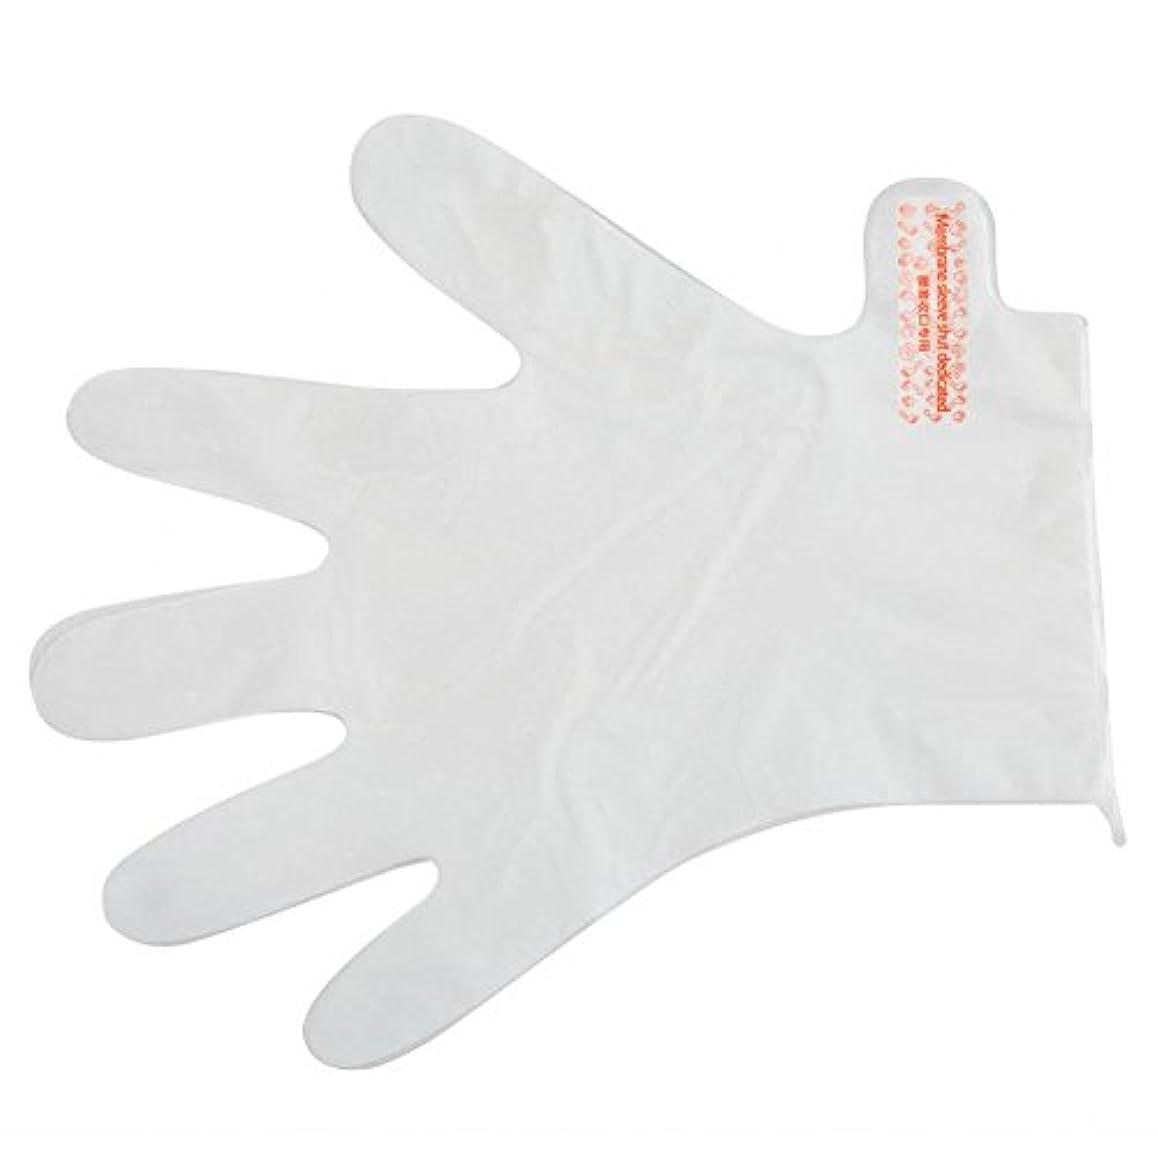 ハンドマスク ハンドパック 5セット 保湿 美白 手ケア ハンドケア 手袋 乾燥 肌荒れ対策 手 指 潤い ホワイトニング モイスチャー 自宅 しっとり